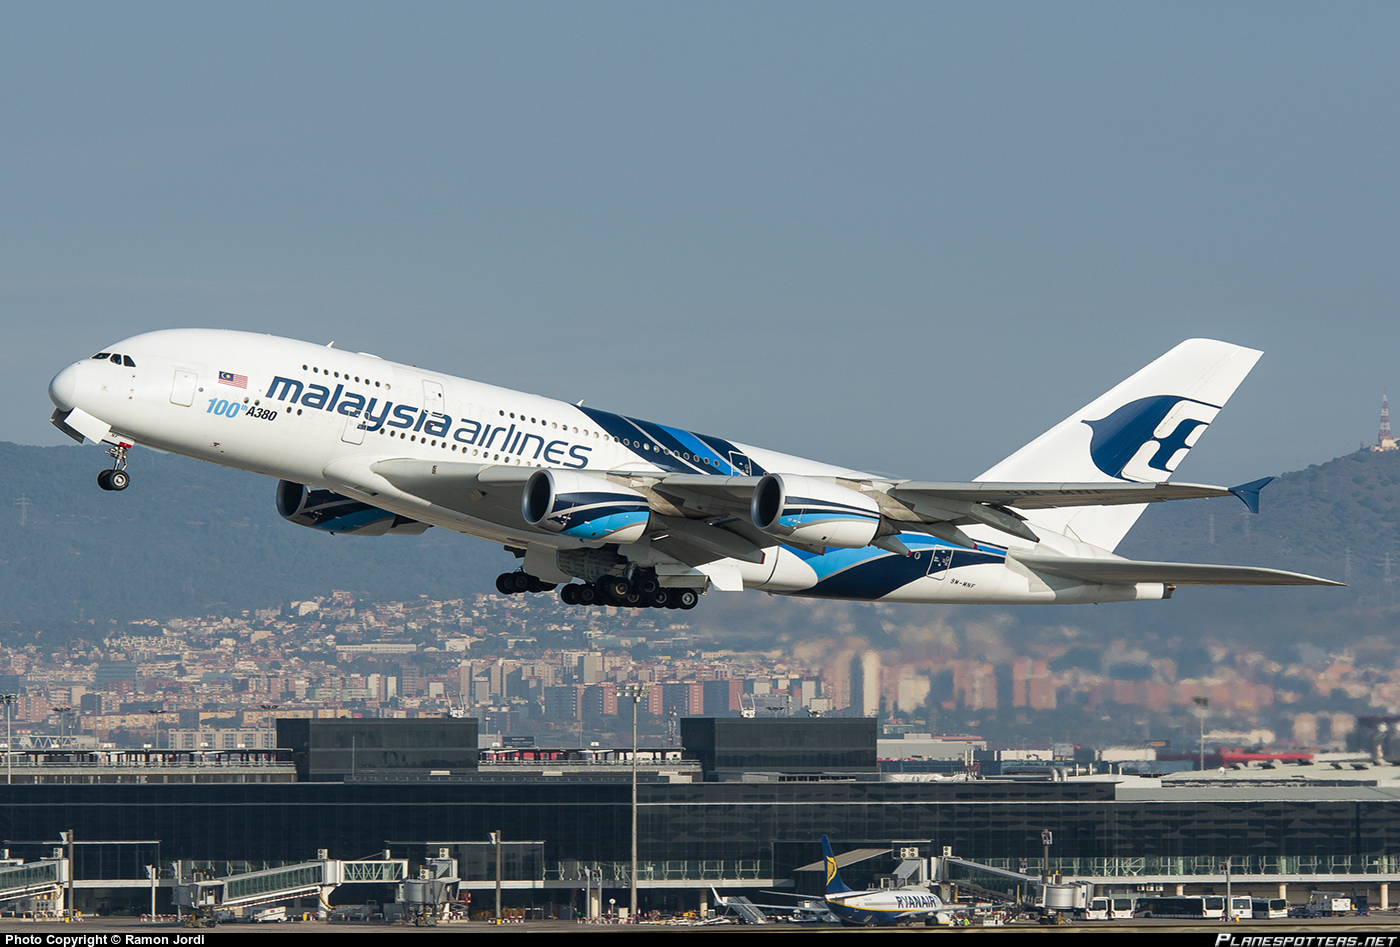 マレーシア航空エアバスA380 2018年までに全て退役へ